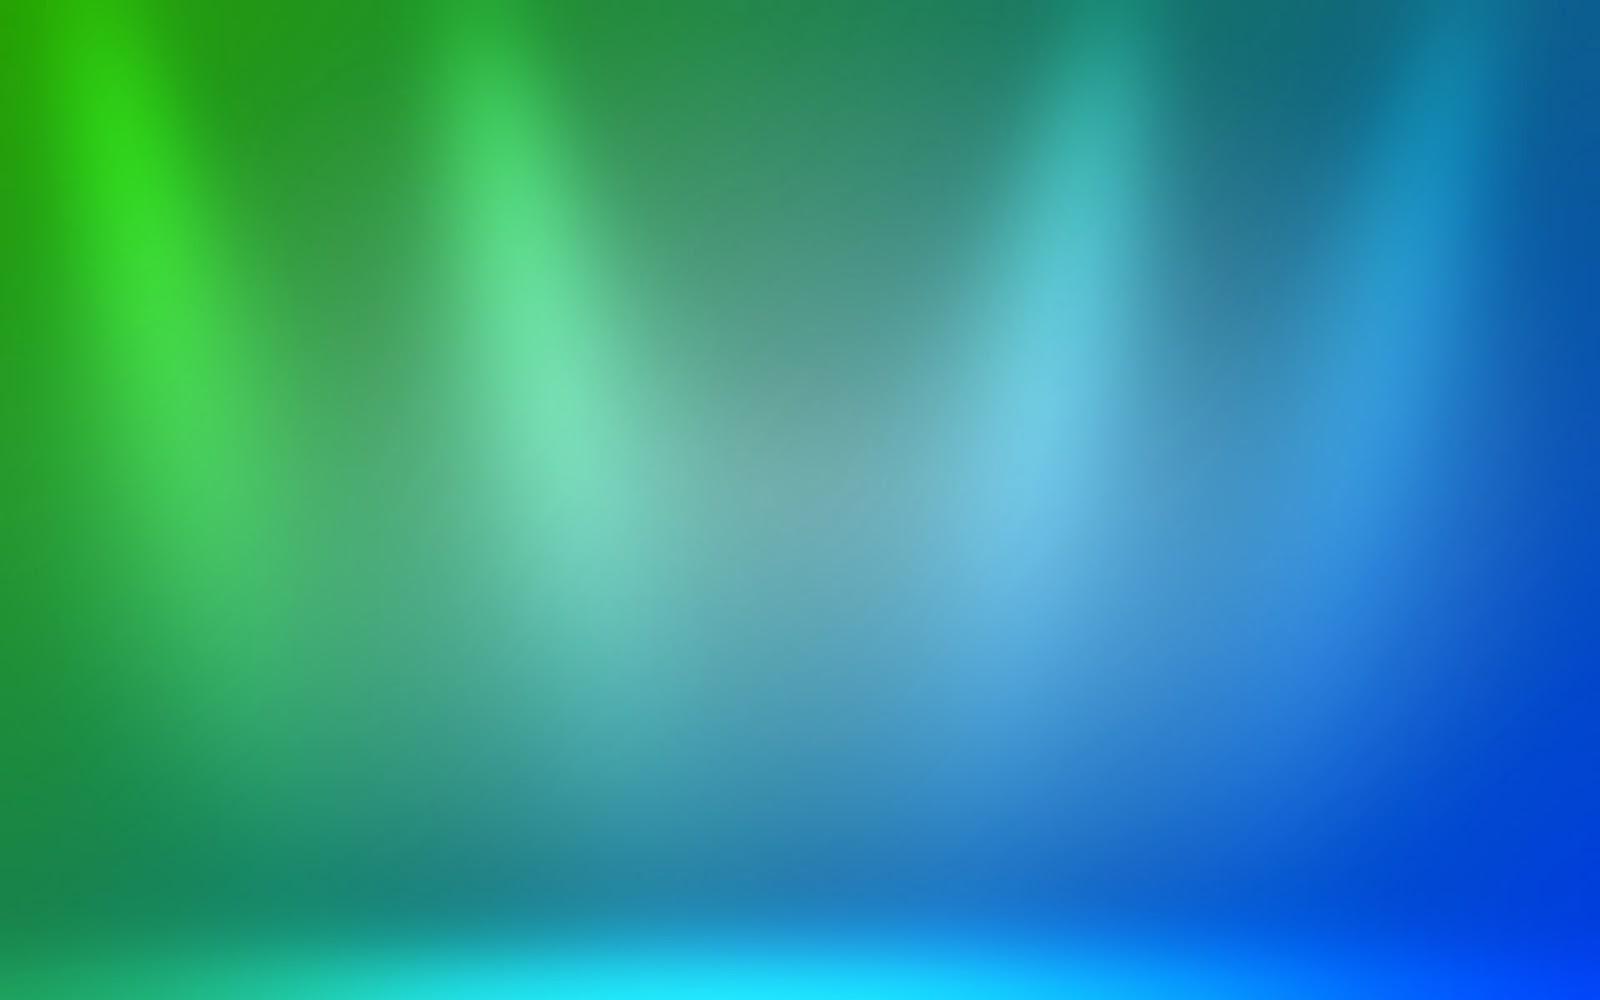 green blue wallpaper wallpapersafari